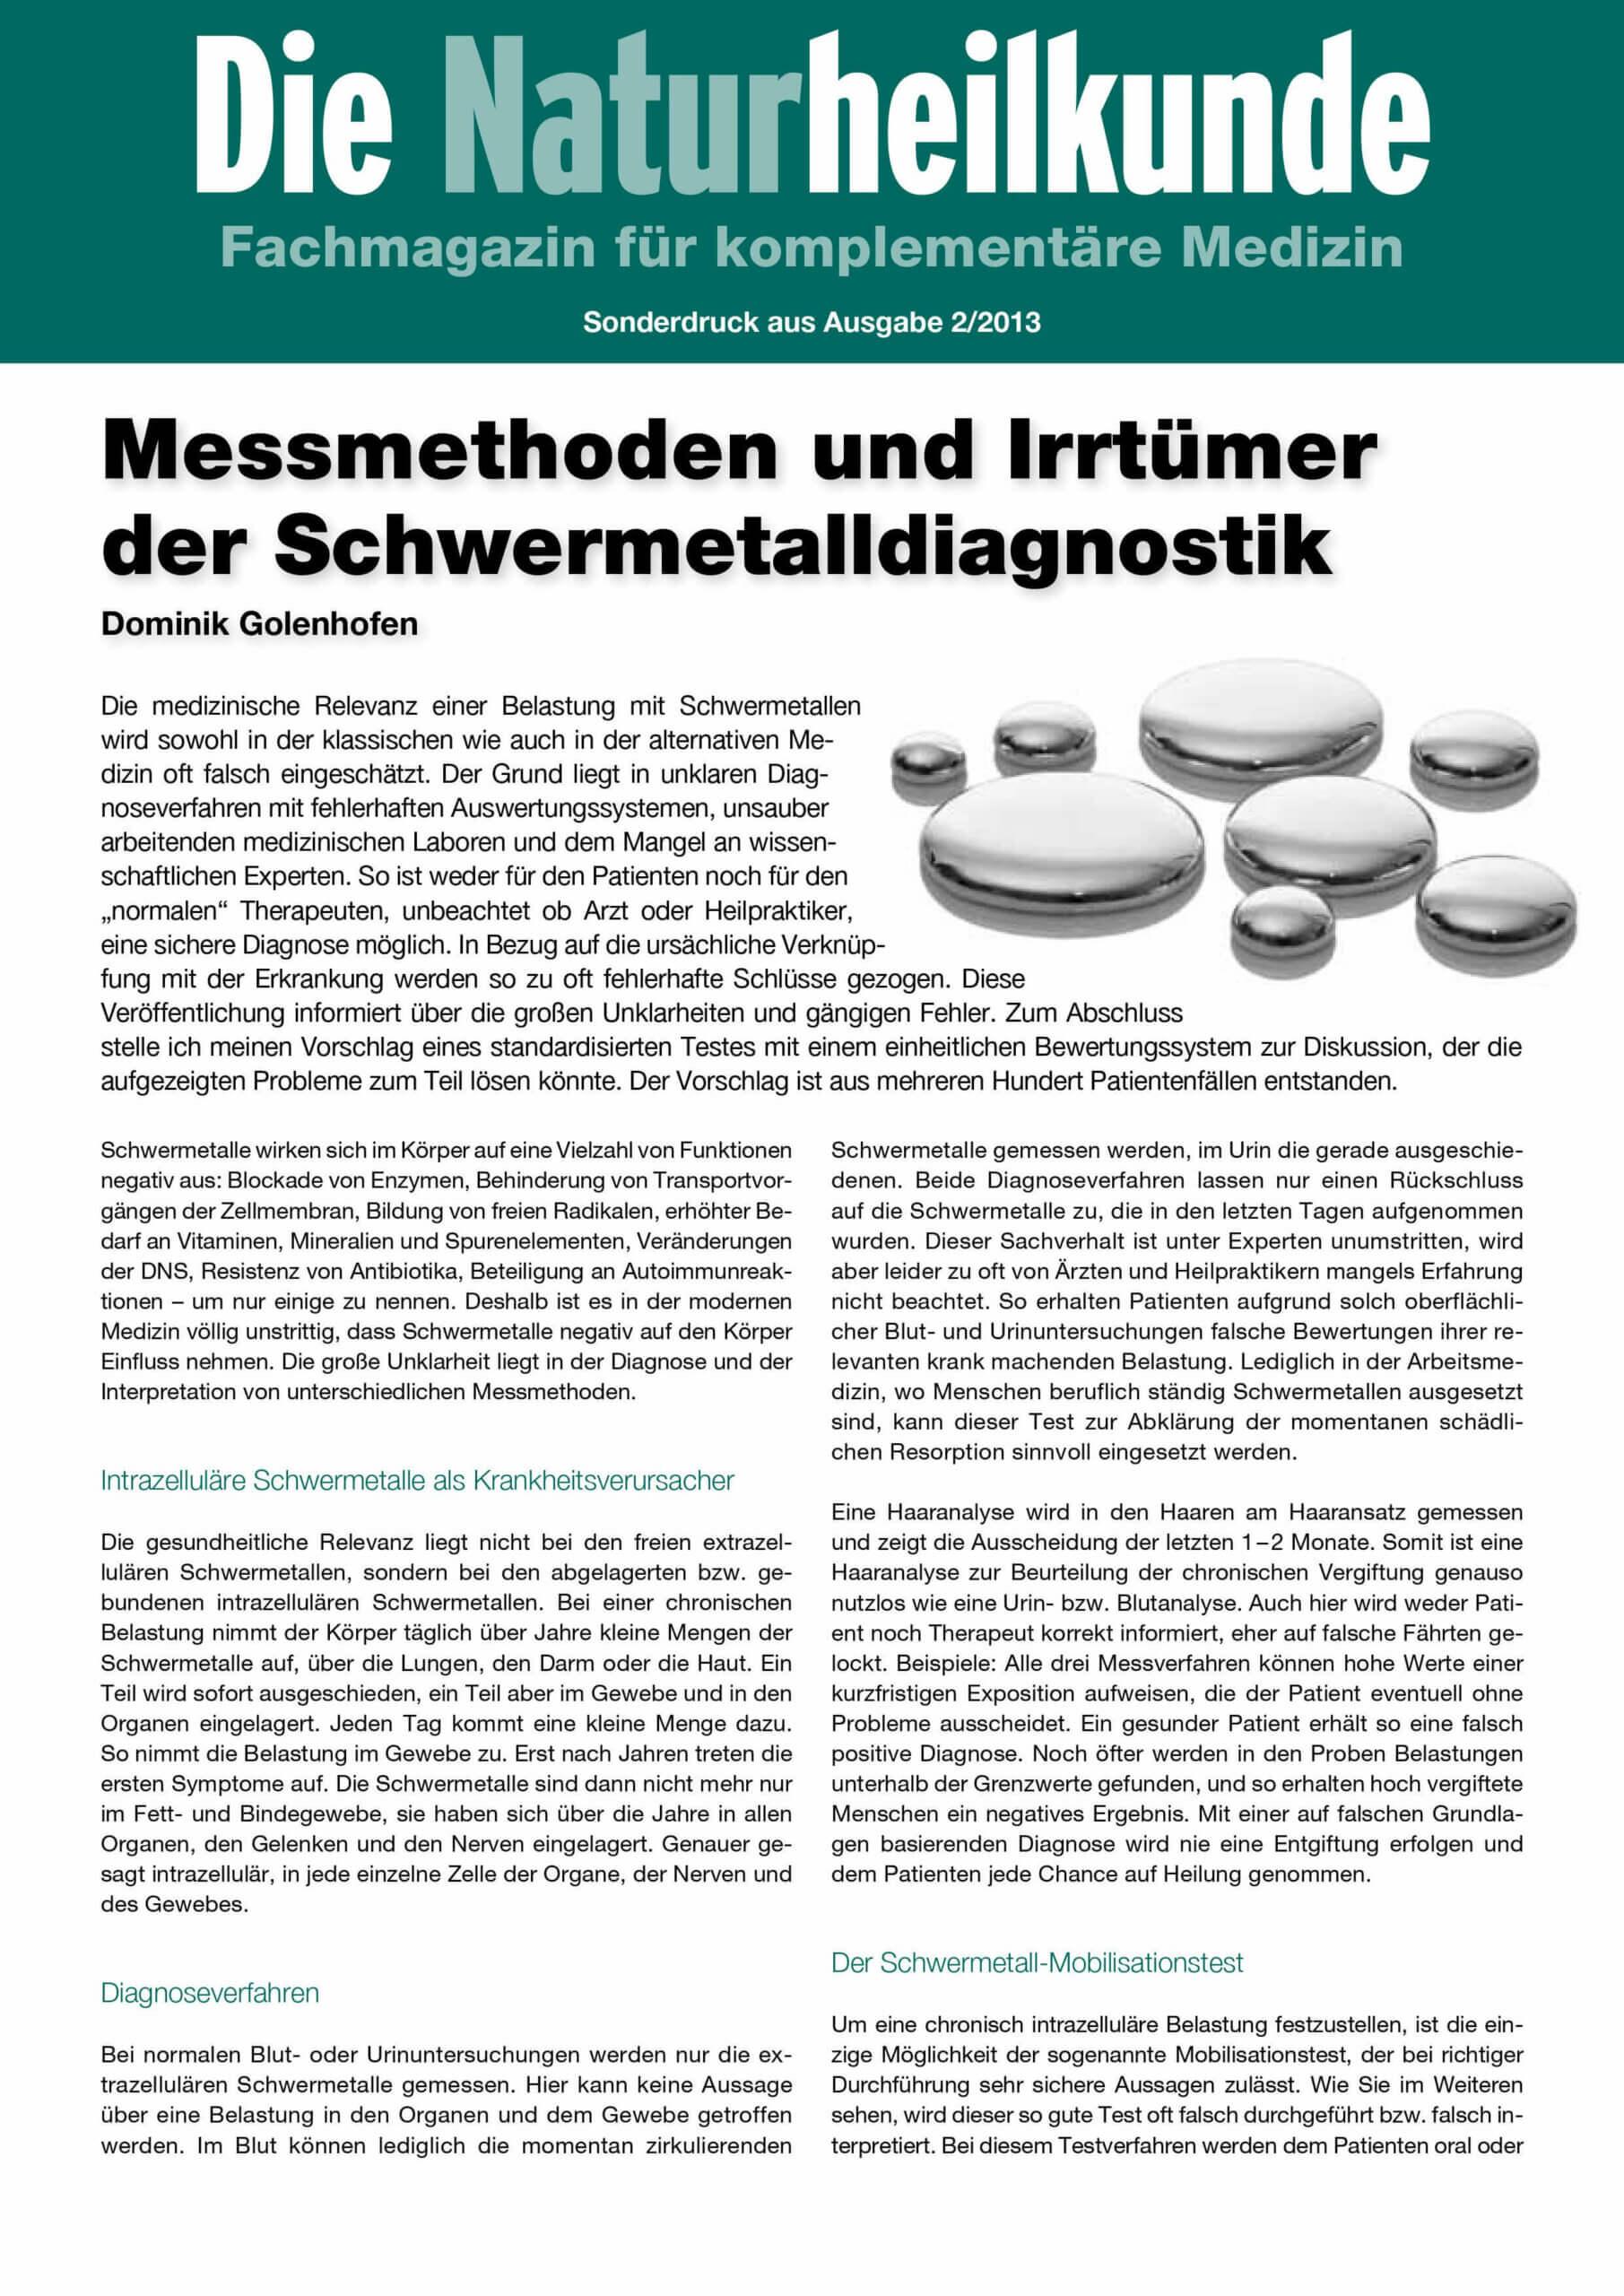 Artikel Messmethoden und Irrtümer der Schwermetalldiagnostik